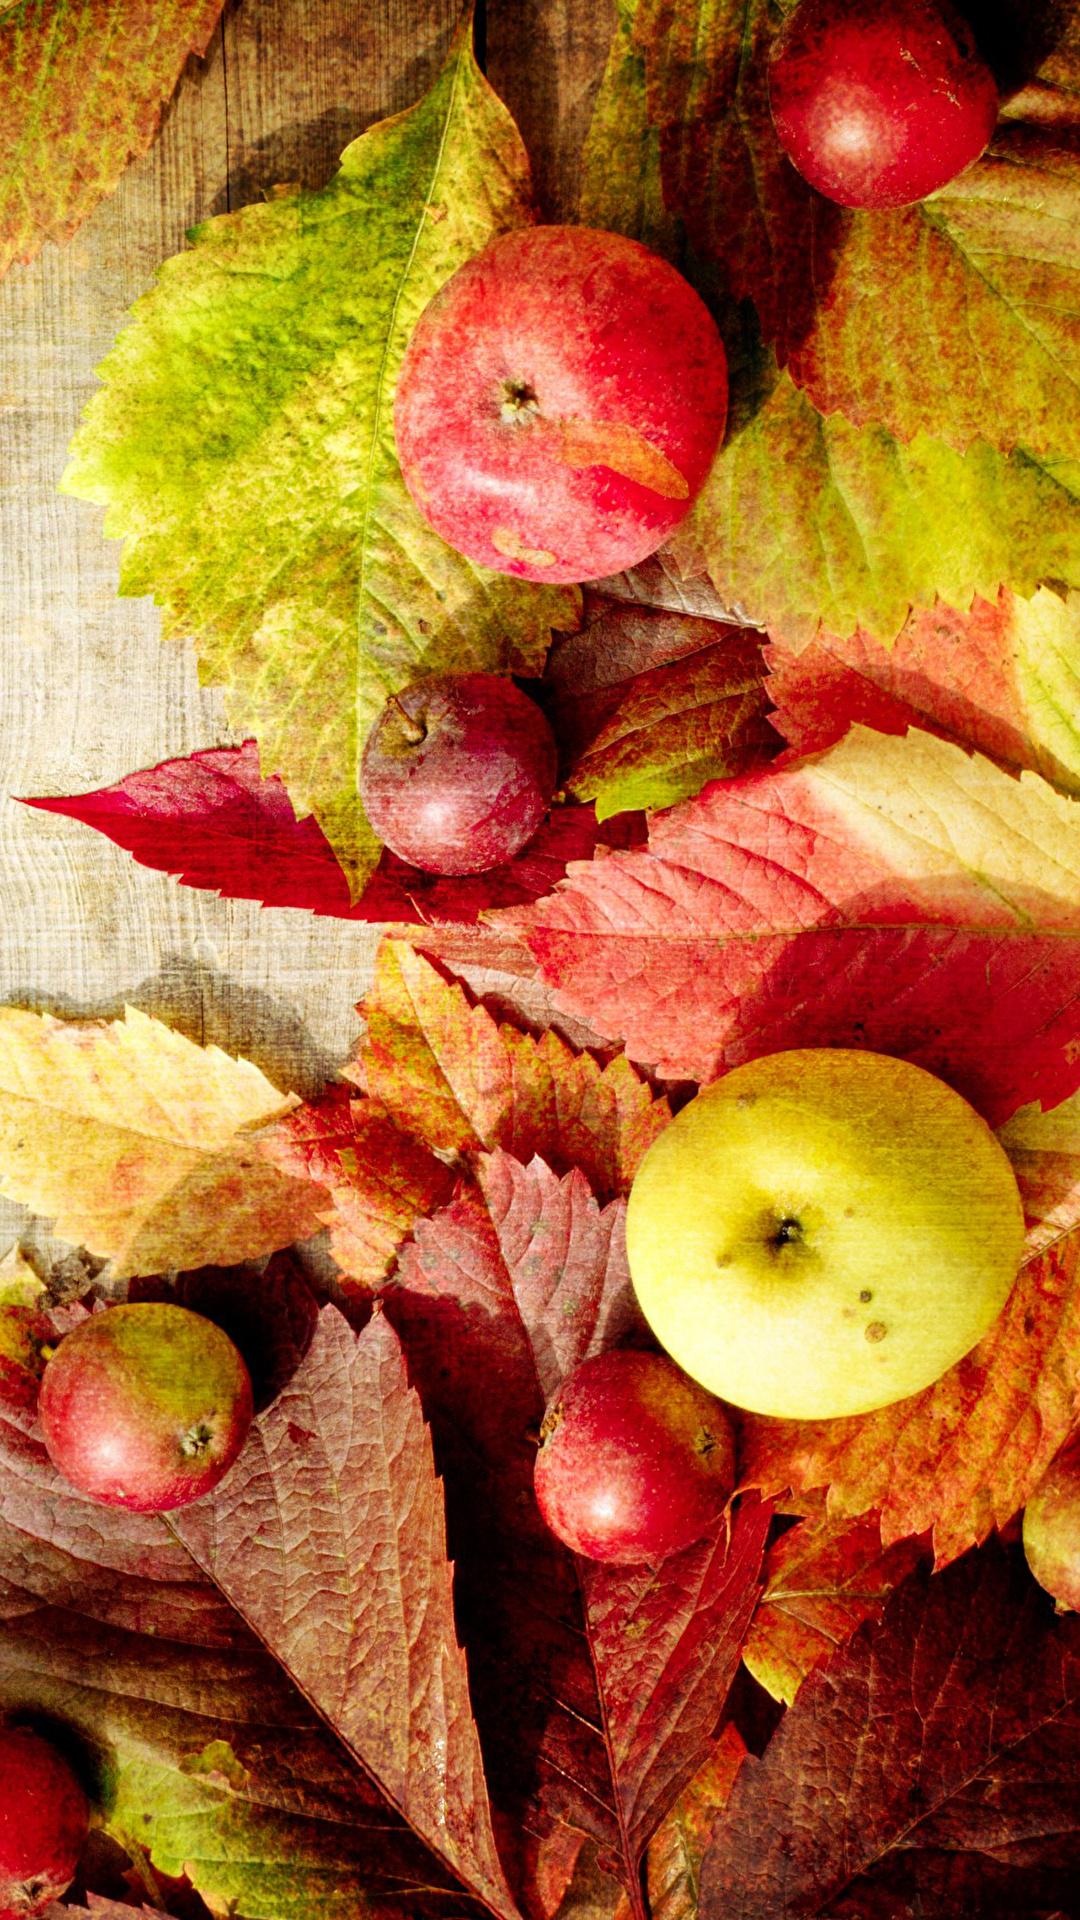 Картинки Листья Осень Яблоки Продукты питания Доски 1080x1920 для мобильного телефона лист Листва осенние Еда Пища